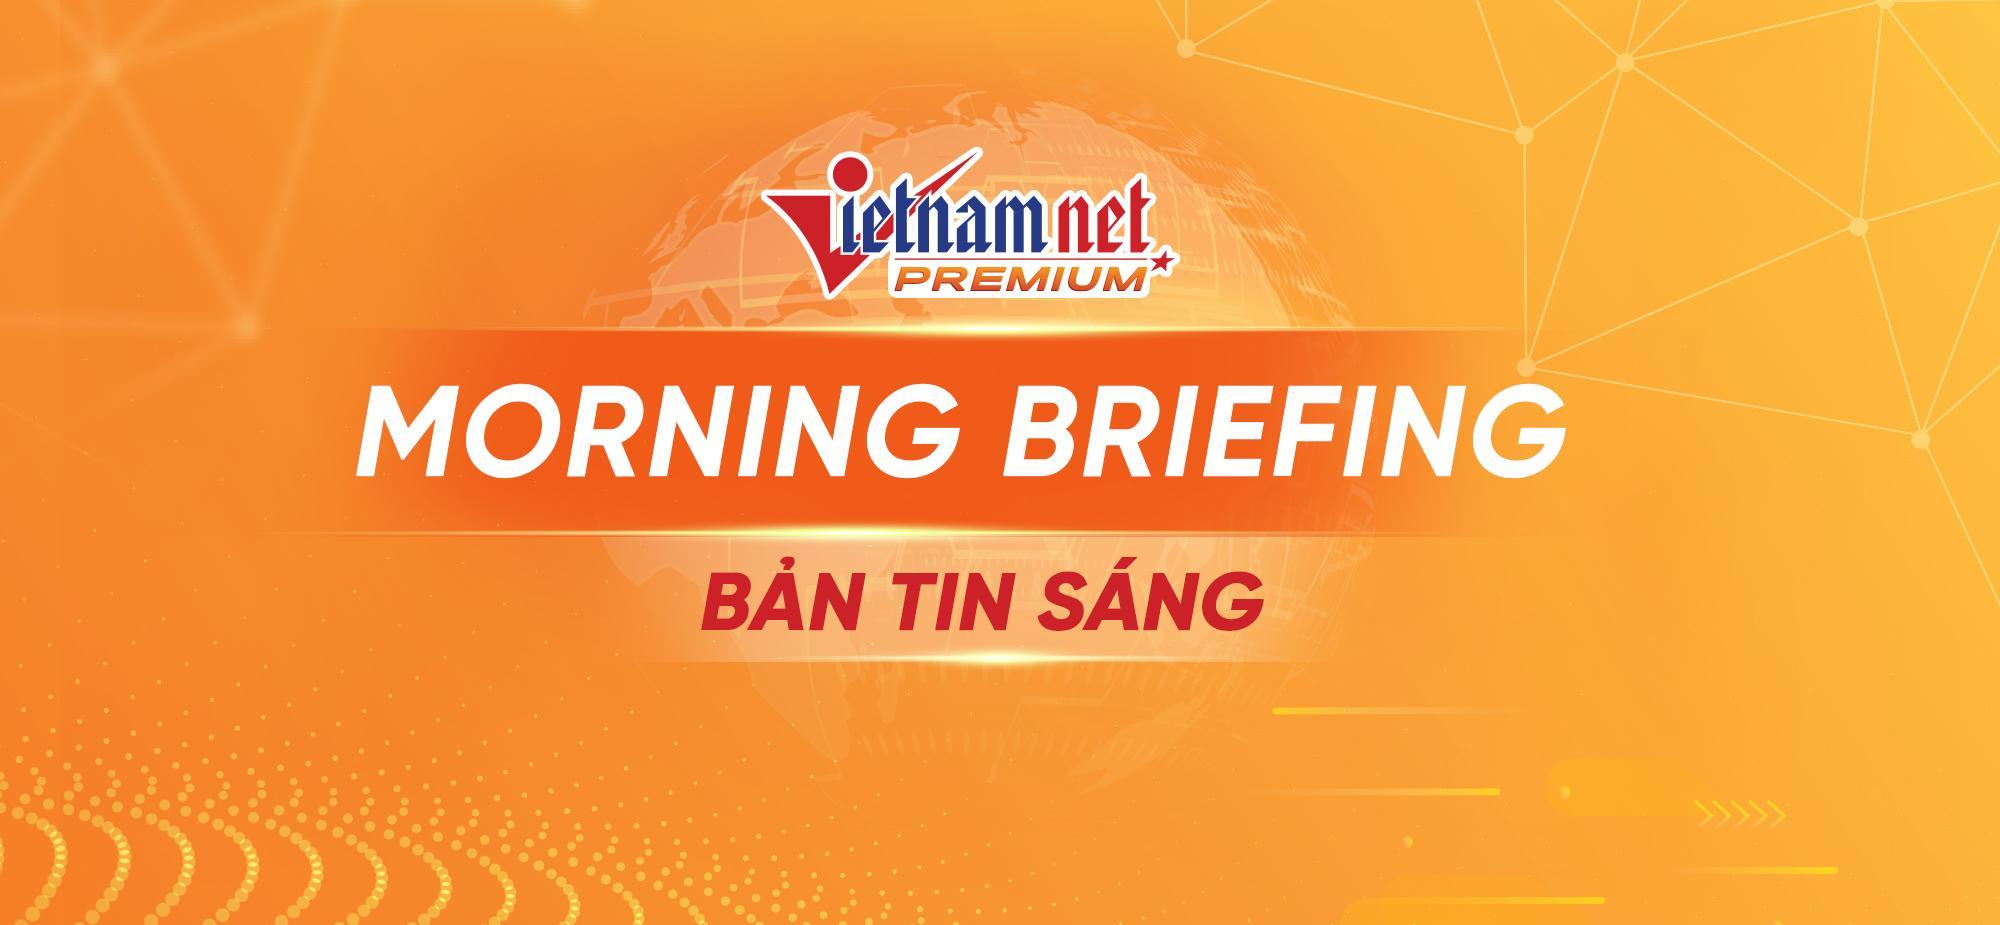 Bản tin sáng VietNamNet (19/5/21): Việt Nam mua 31 triệu liều vắc-xin Pfizer